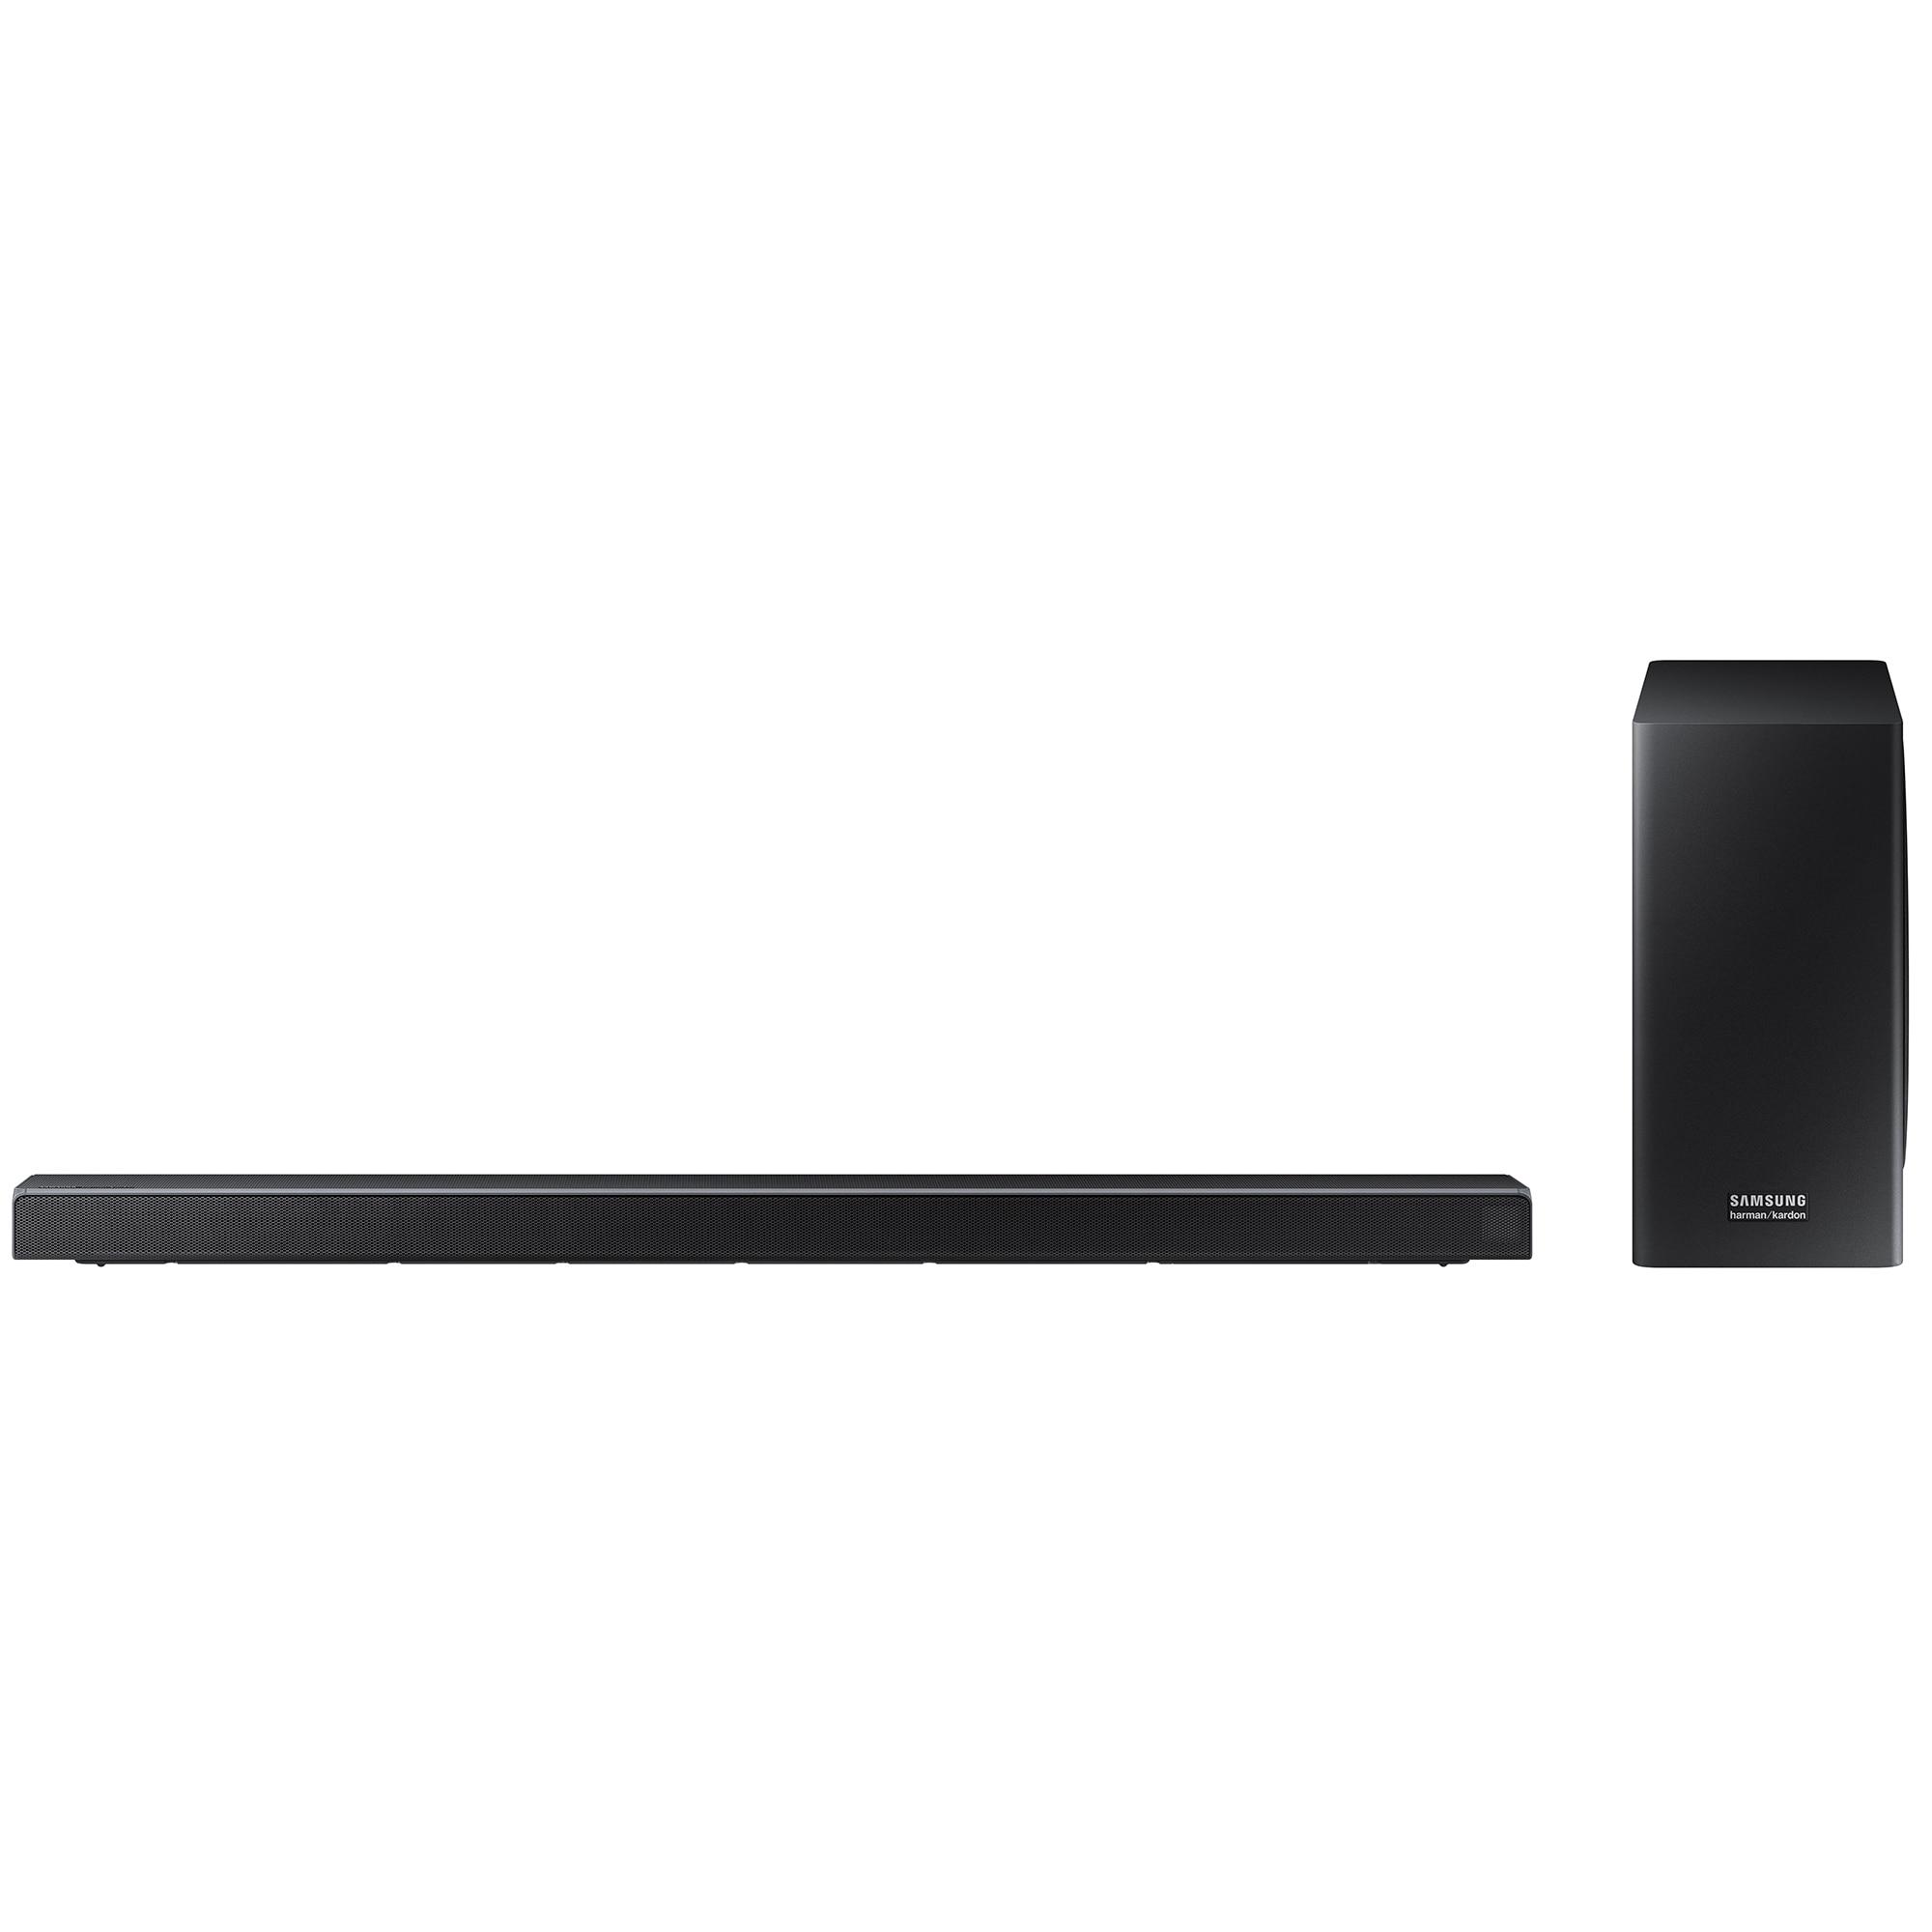 Fotografie Soundbar Samsung Harman Kardon HW-Q70R, 3.1.2, 330W, Wireless, Dolby Atmos, dts:X, Negru